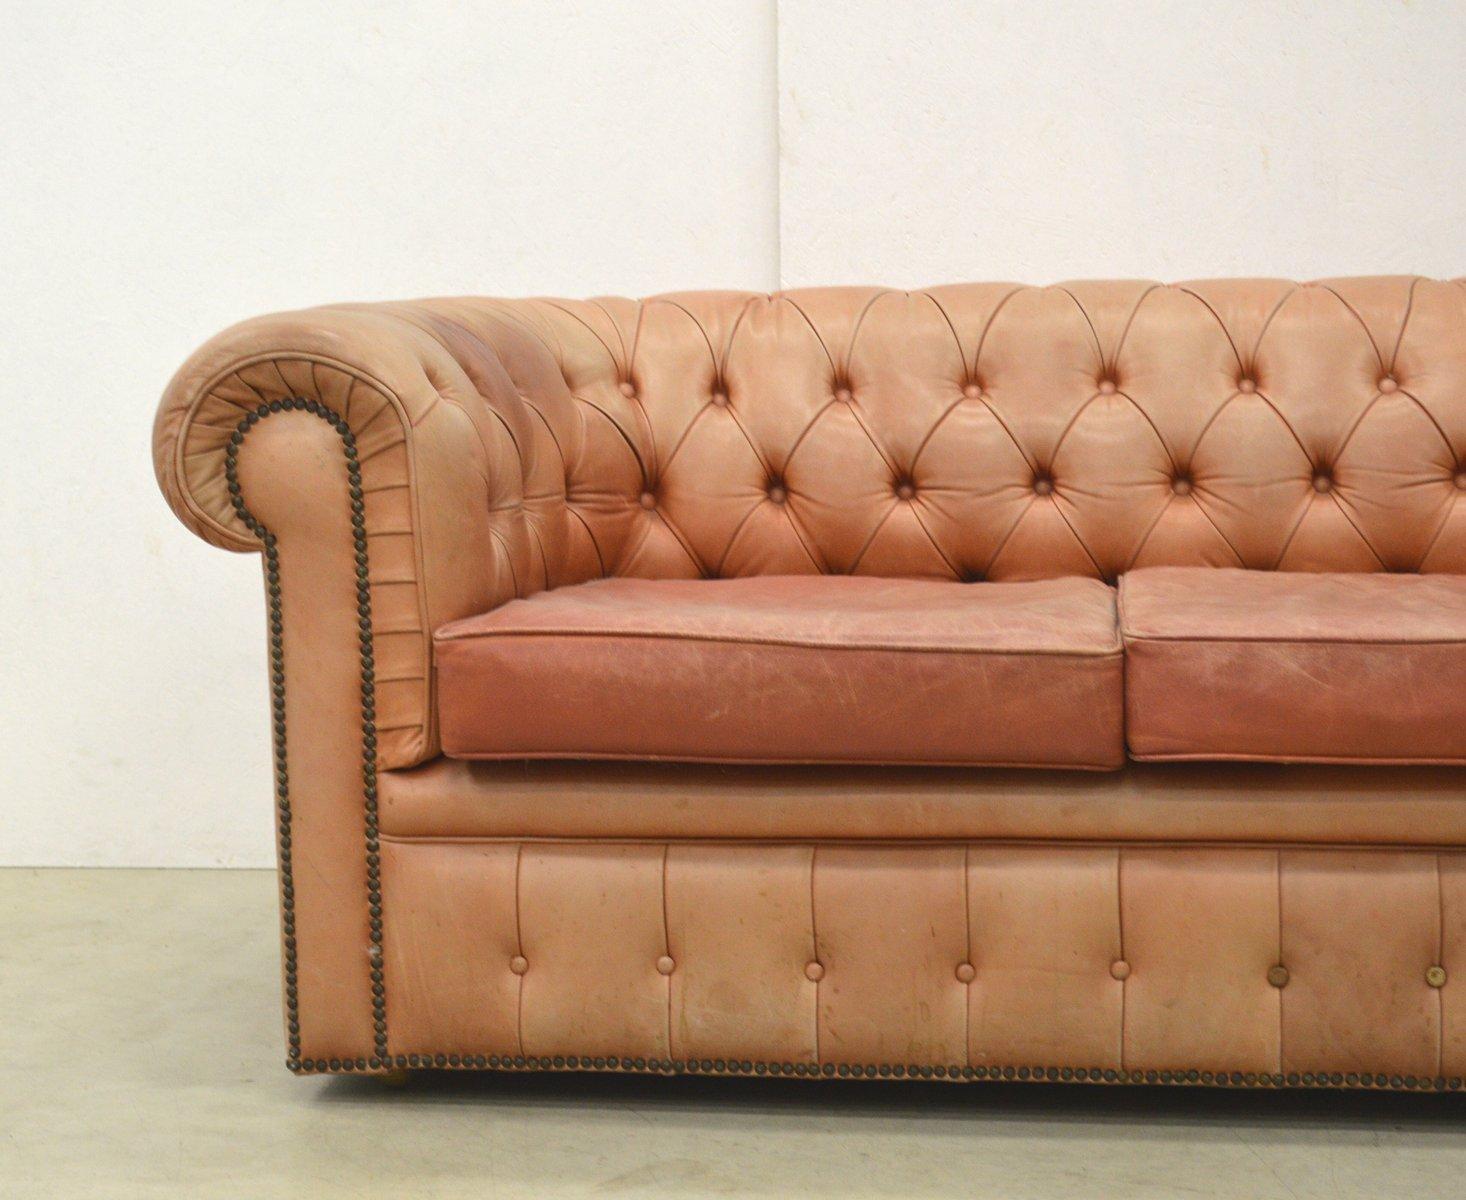 englisches ros cognacfarbenes leder chesterfield zwei sitzer sofa 1960er bei pamono kaufen. Black Bedroom Furniture Sets. Home Design Ideas